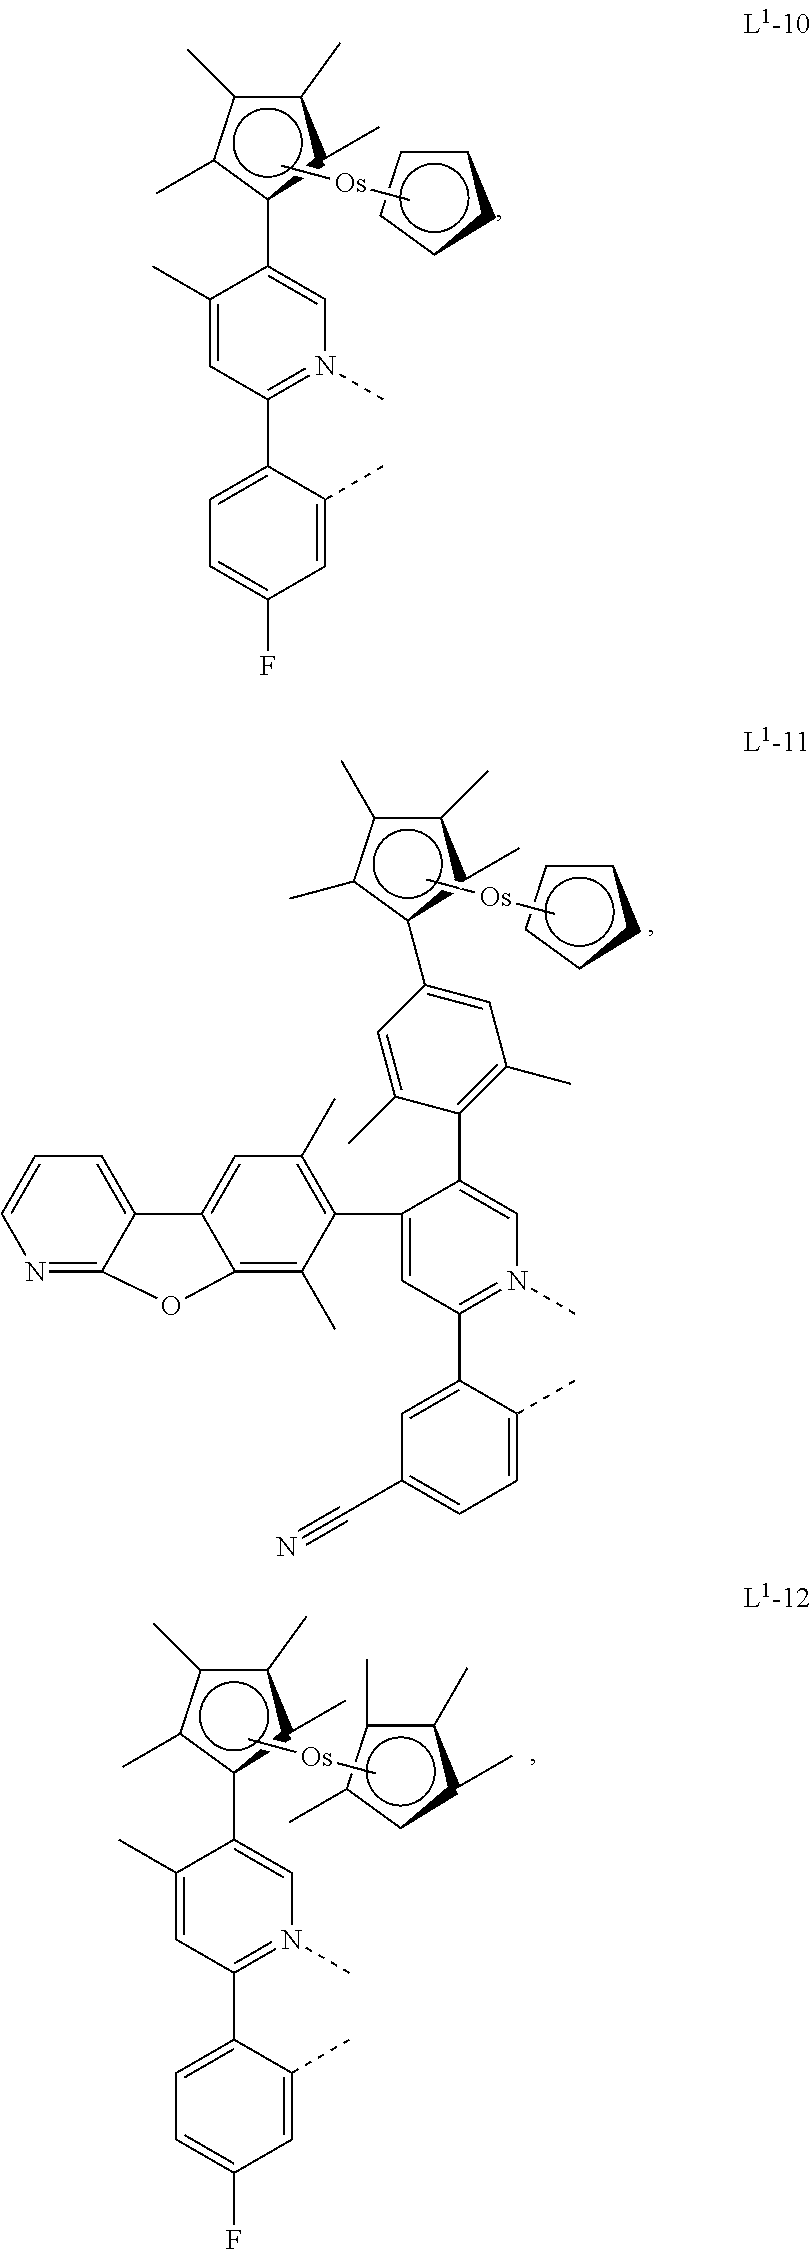 Figure US09450195-20160920-C00264